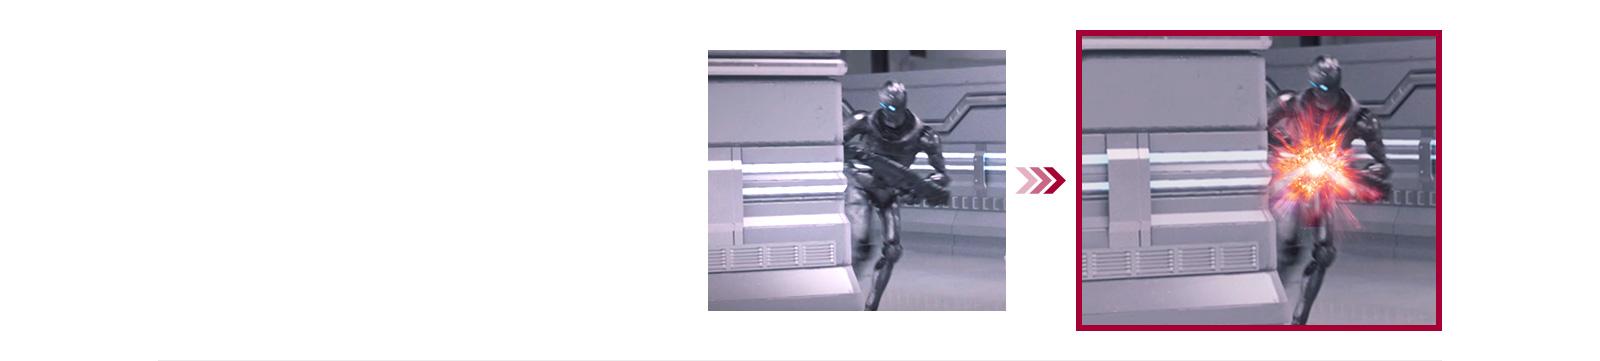 Geleneksel mod ile minimum giriþ gecikmesi sunan Dinamik Hareket Senkronizasyonu modu arasýnda iki oyun sahnesinin karþýlaþtýrmasý